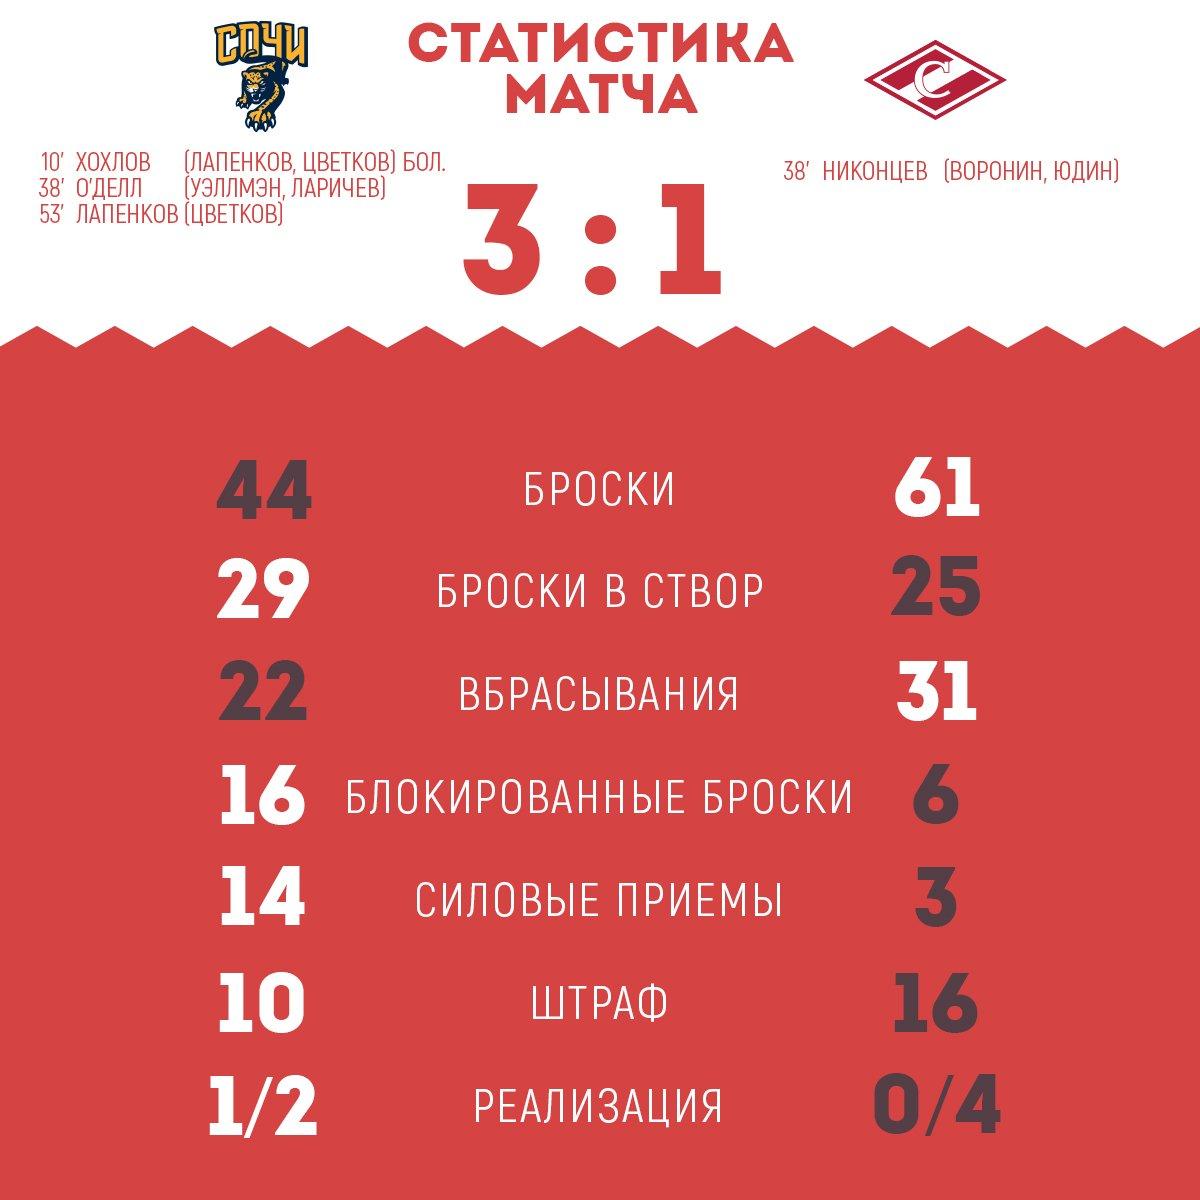 Статистика матча «Сочи» - «Спартак» 3:1